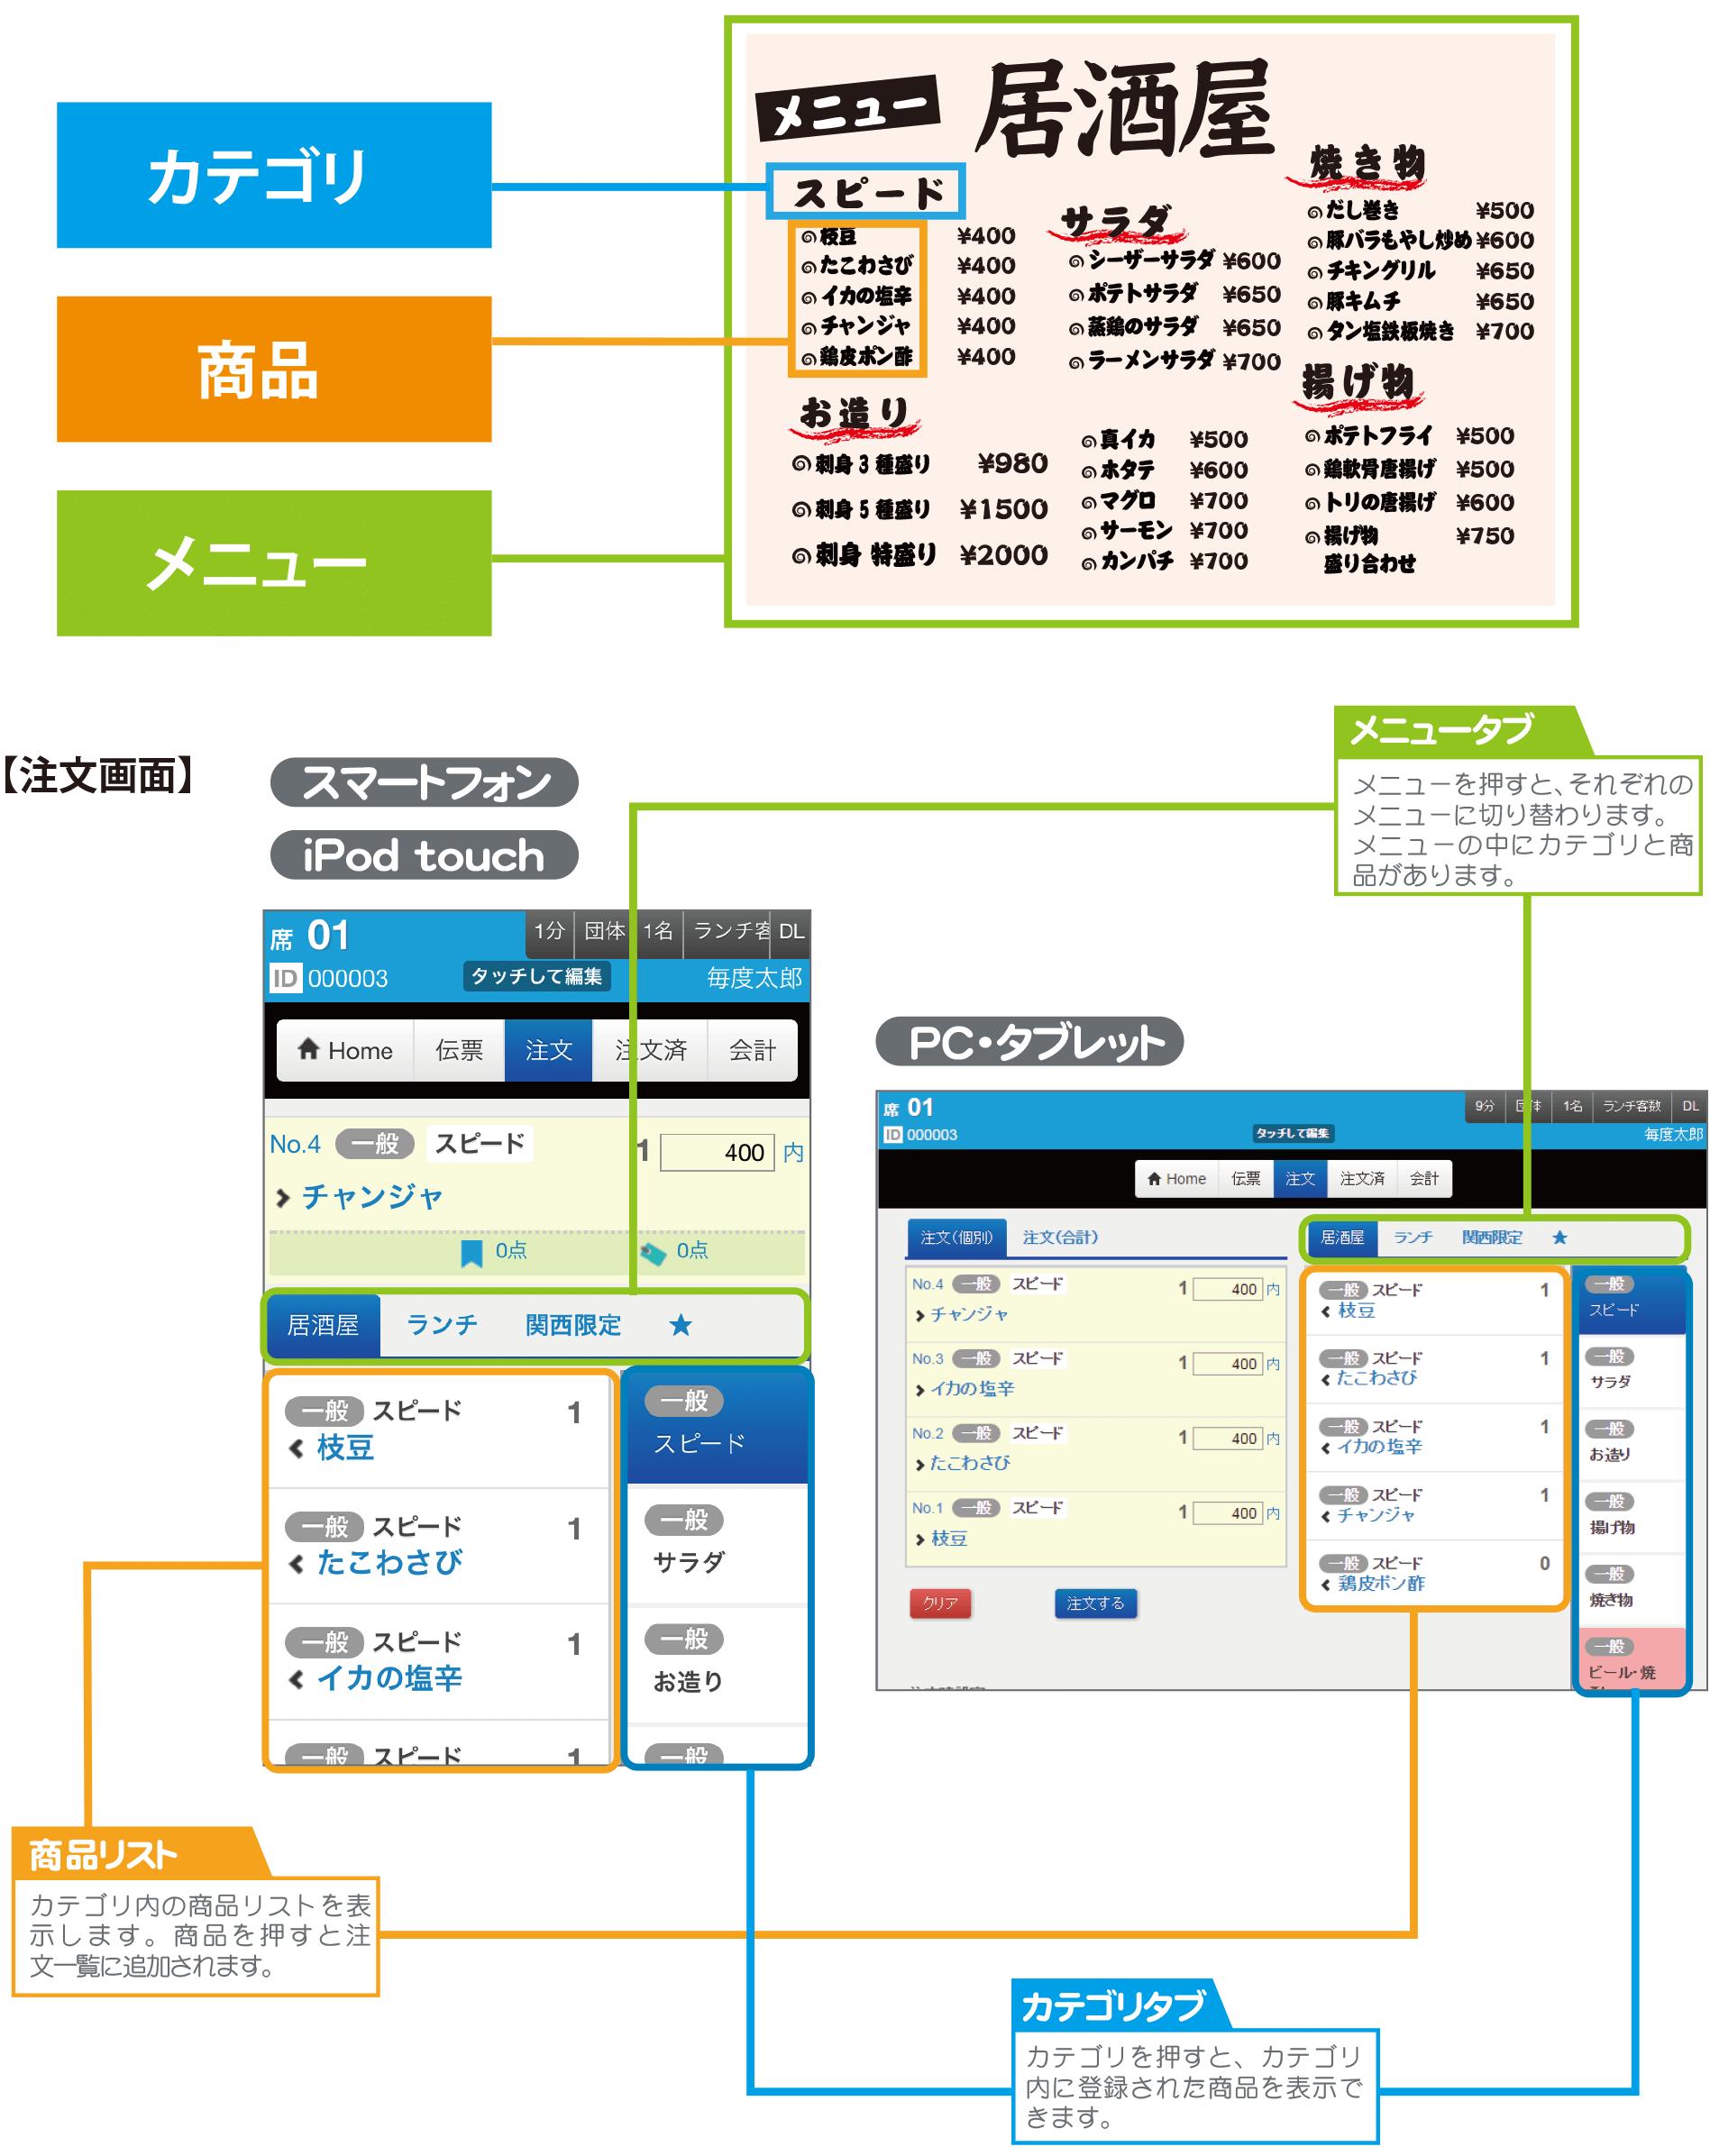 【「カテゴリ」「 商品」「 メニュー」の関係イメージ】